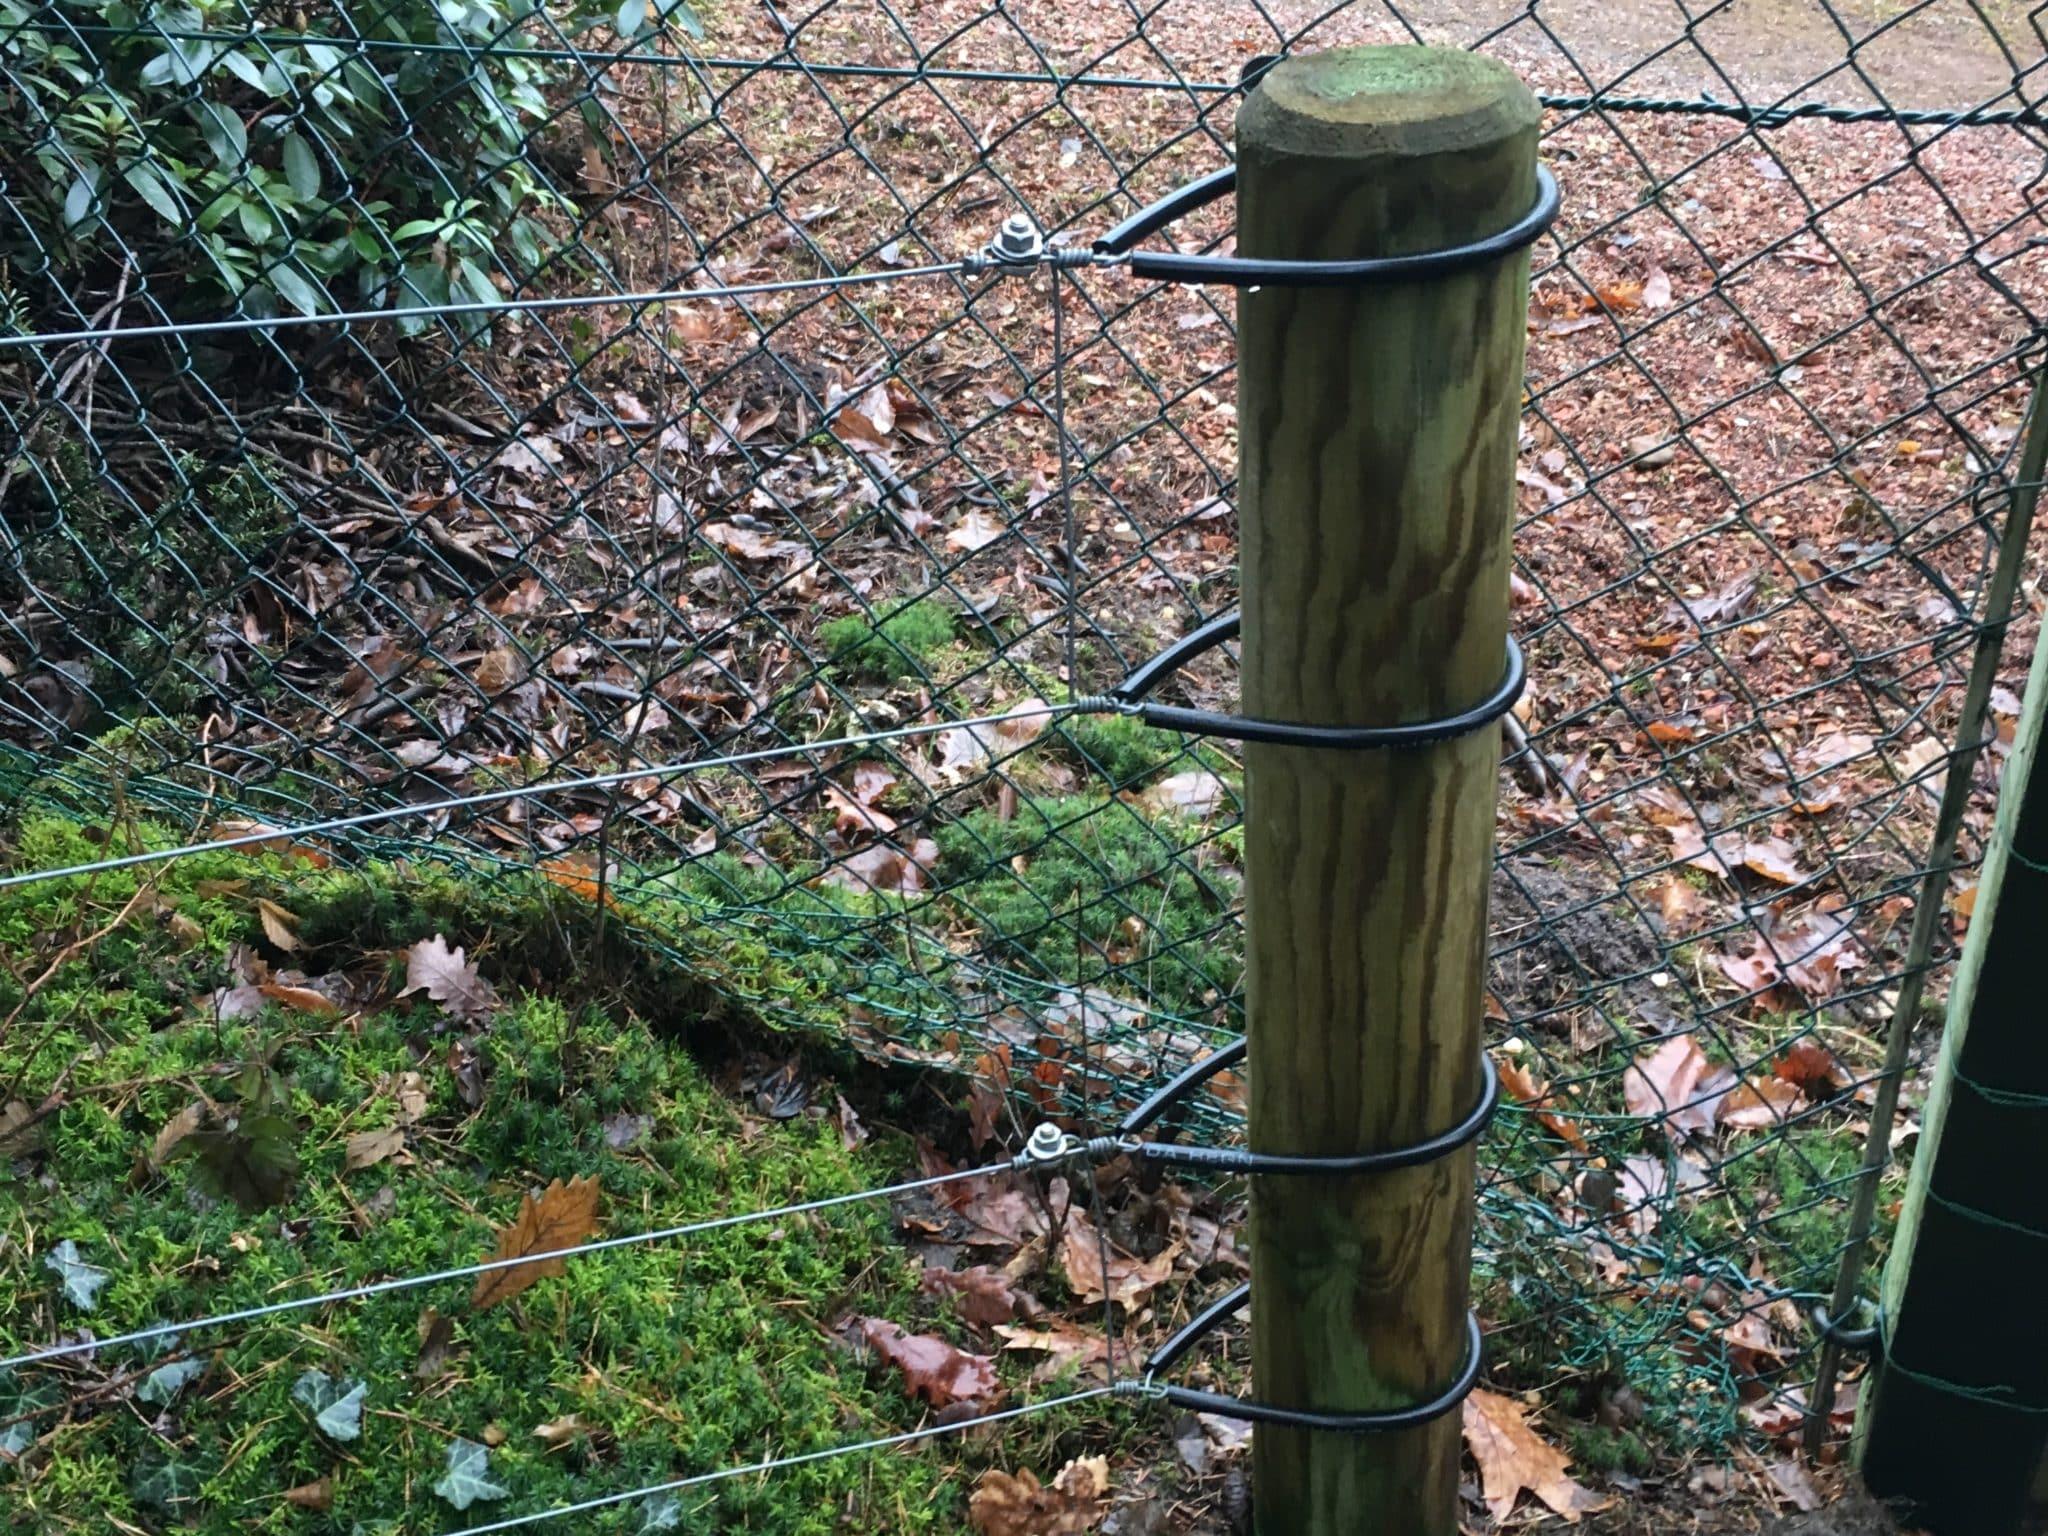 Wildschweinzaun Wildschweinschutzzaun Elektrozaun Nachrüstung eines Wildschweinschutzzaunes